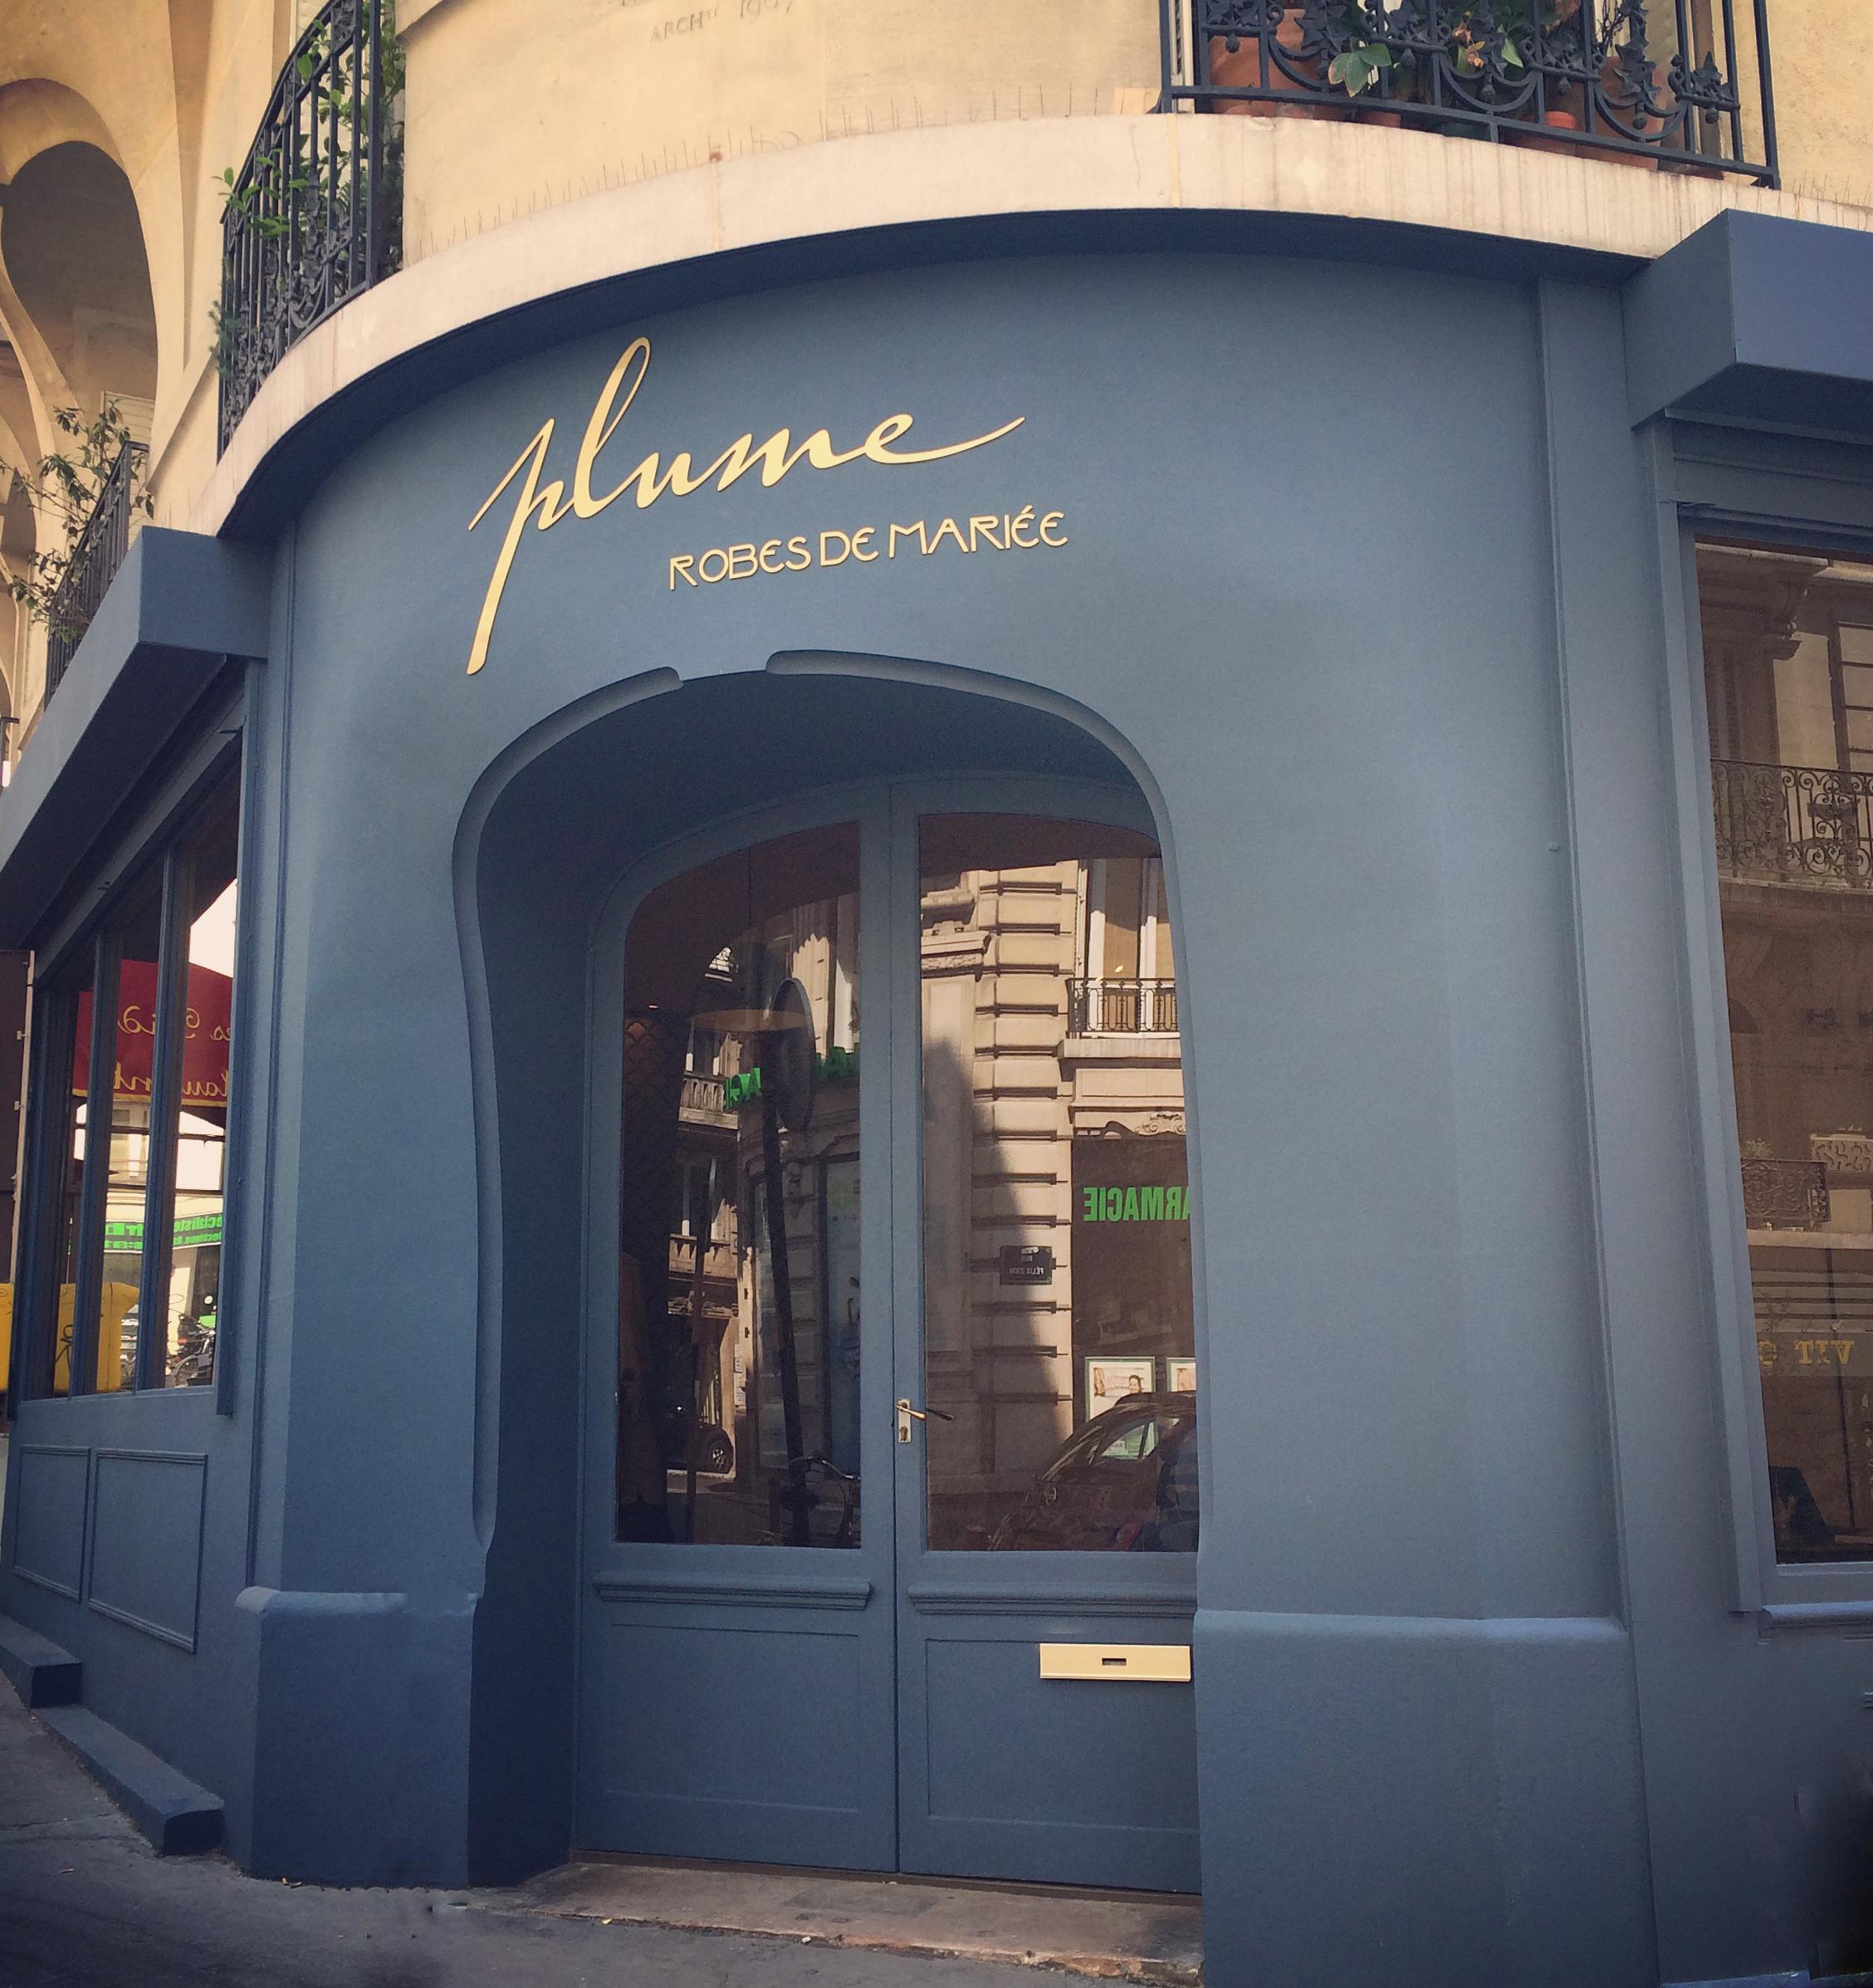 Boutique Plume, le boudoir des robes de mariée rétro-chic, Paris